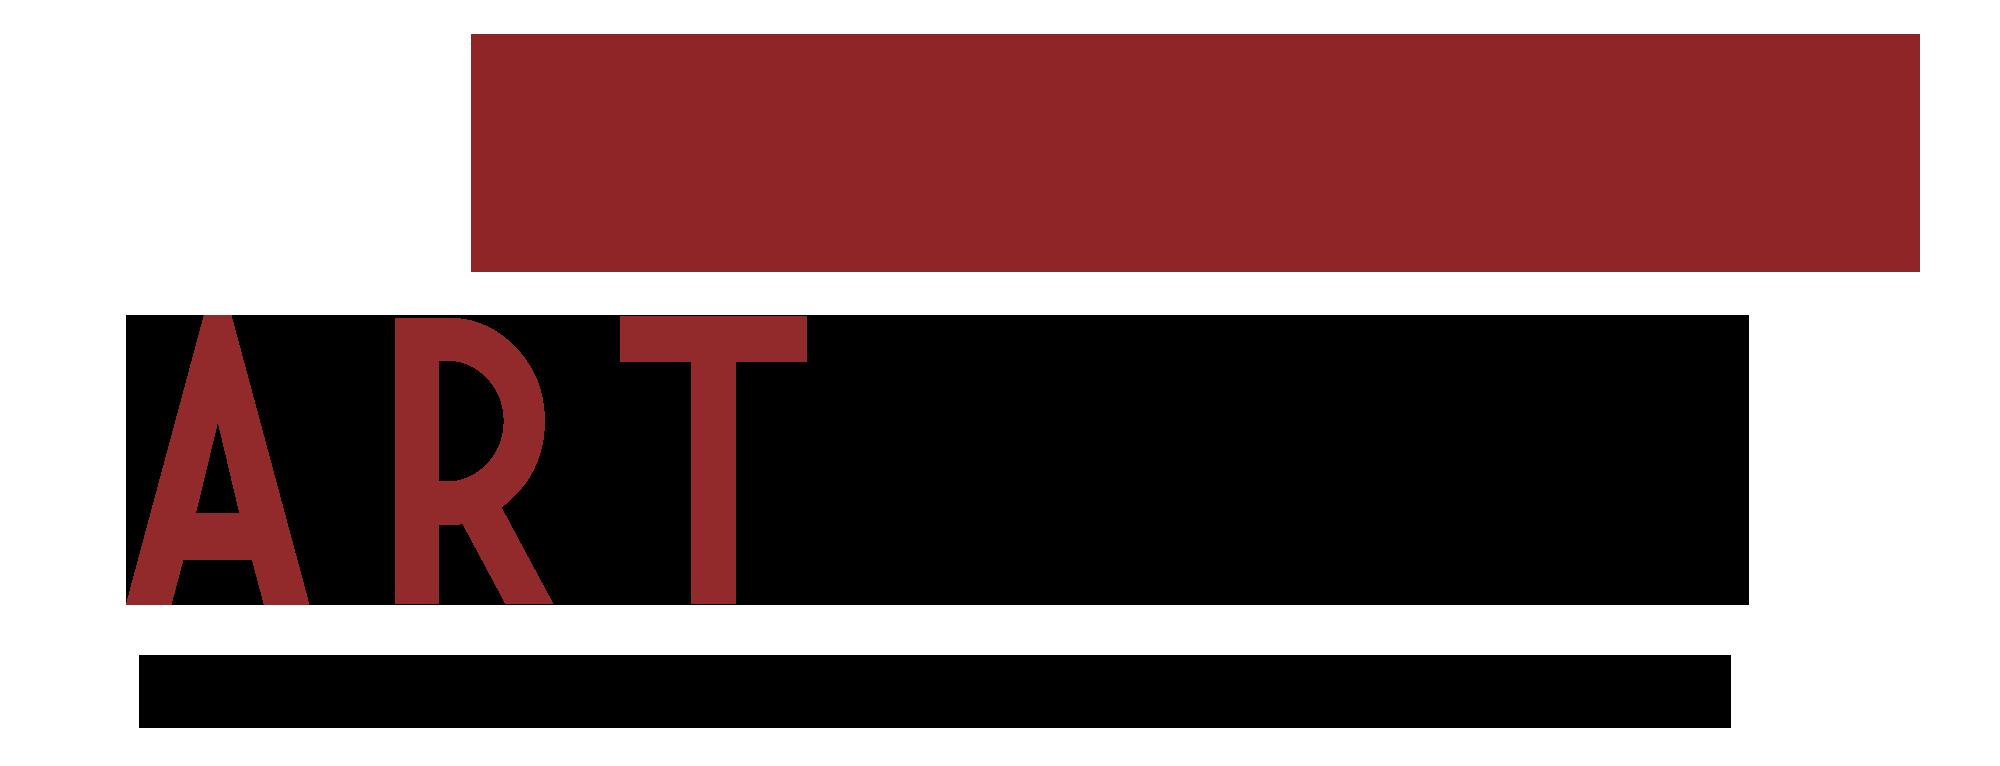 logo-artfest-1